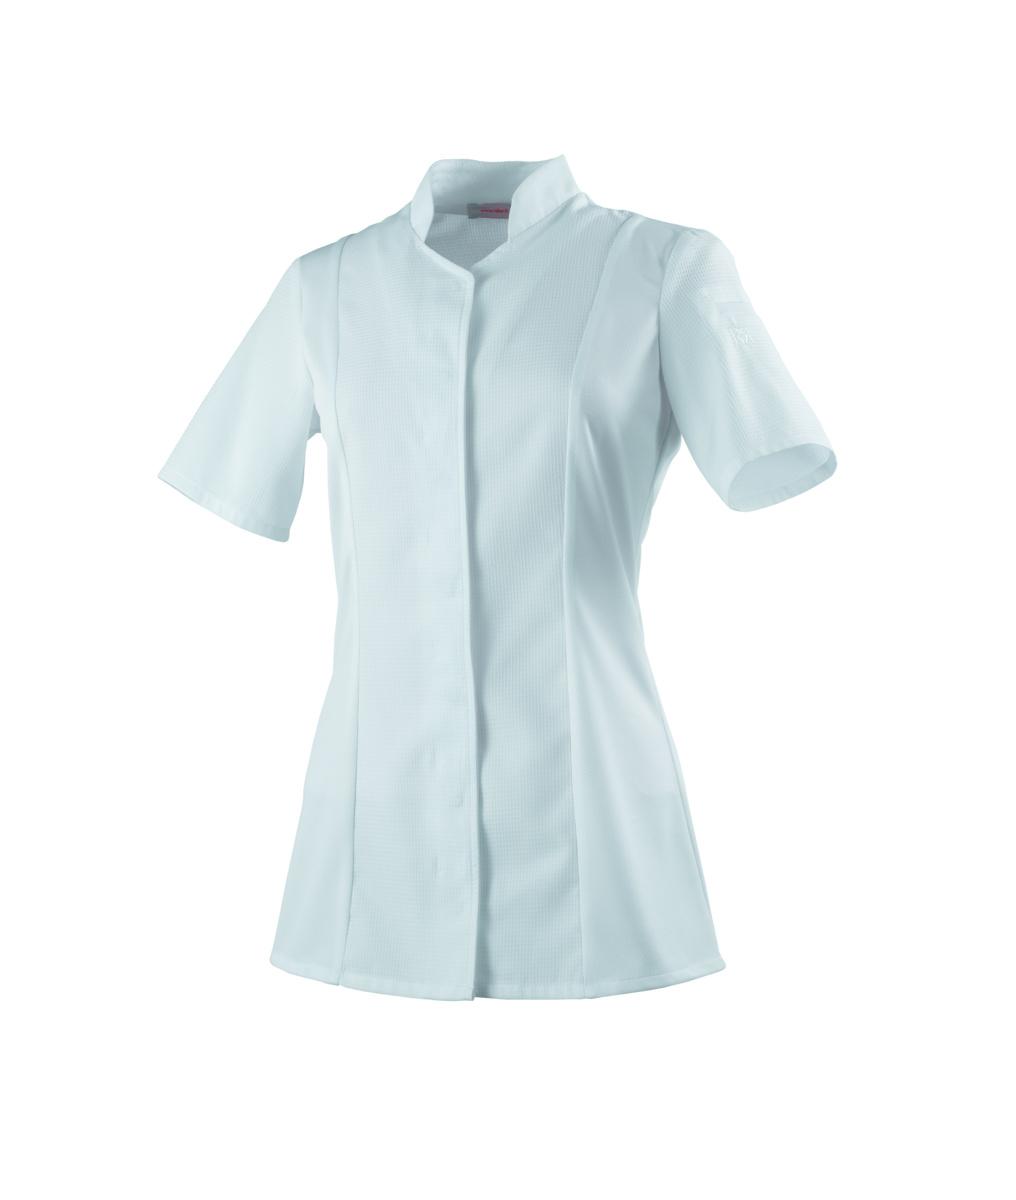 Veste femme manches courtes blanche taille 0 Abella Robur